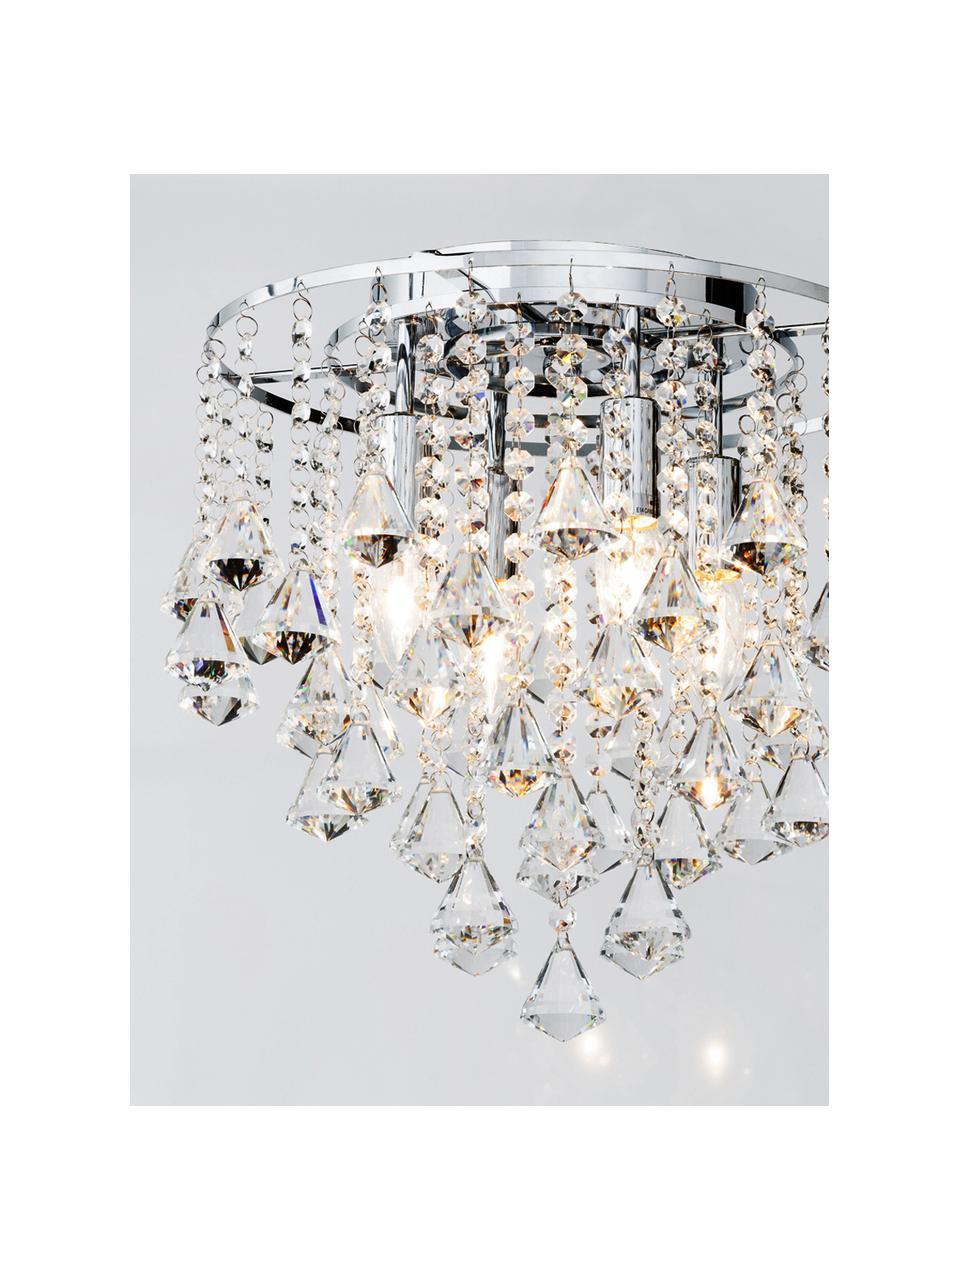 Lampada con cristalli in vetro Dorchester, Struttura: metallo cromato, Baldacchino: metallo cromato, Trasparente, cromo, Ø 40 x Alt. 36 cm